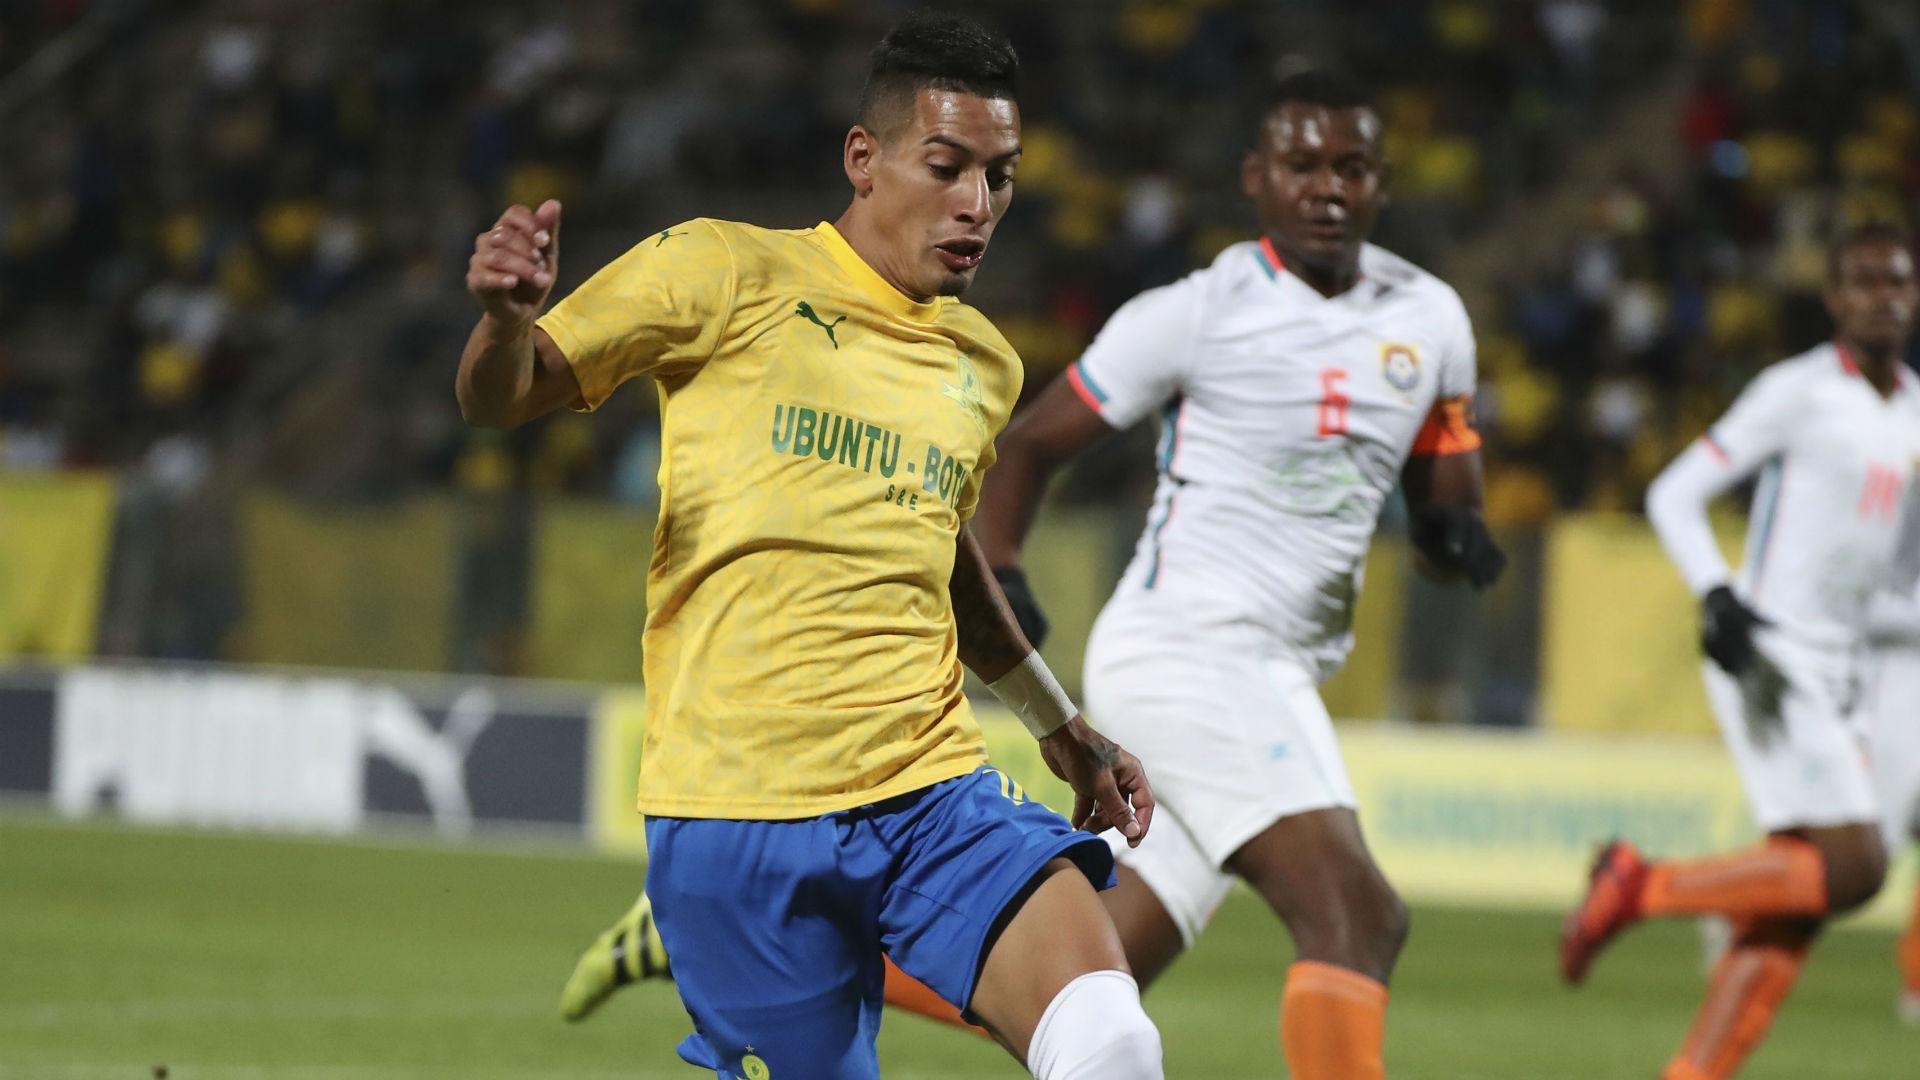 Nedbank Cup: Mamelodi Sundowns won't miss Sirino against troubled Bidvest Wits - Igesund